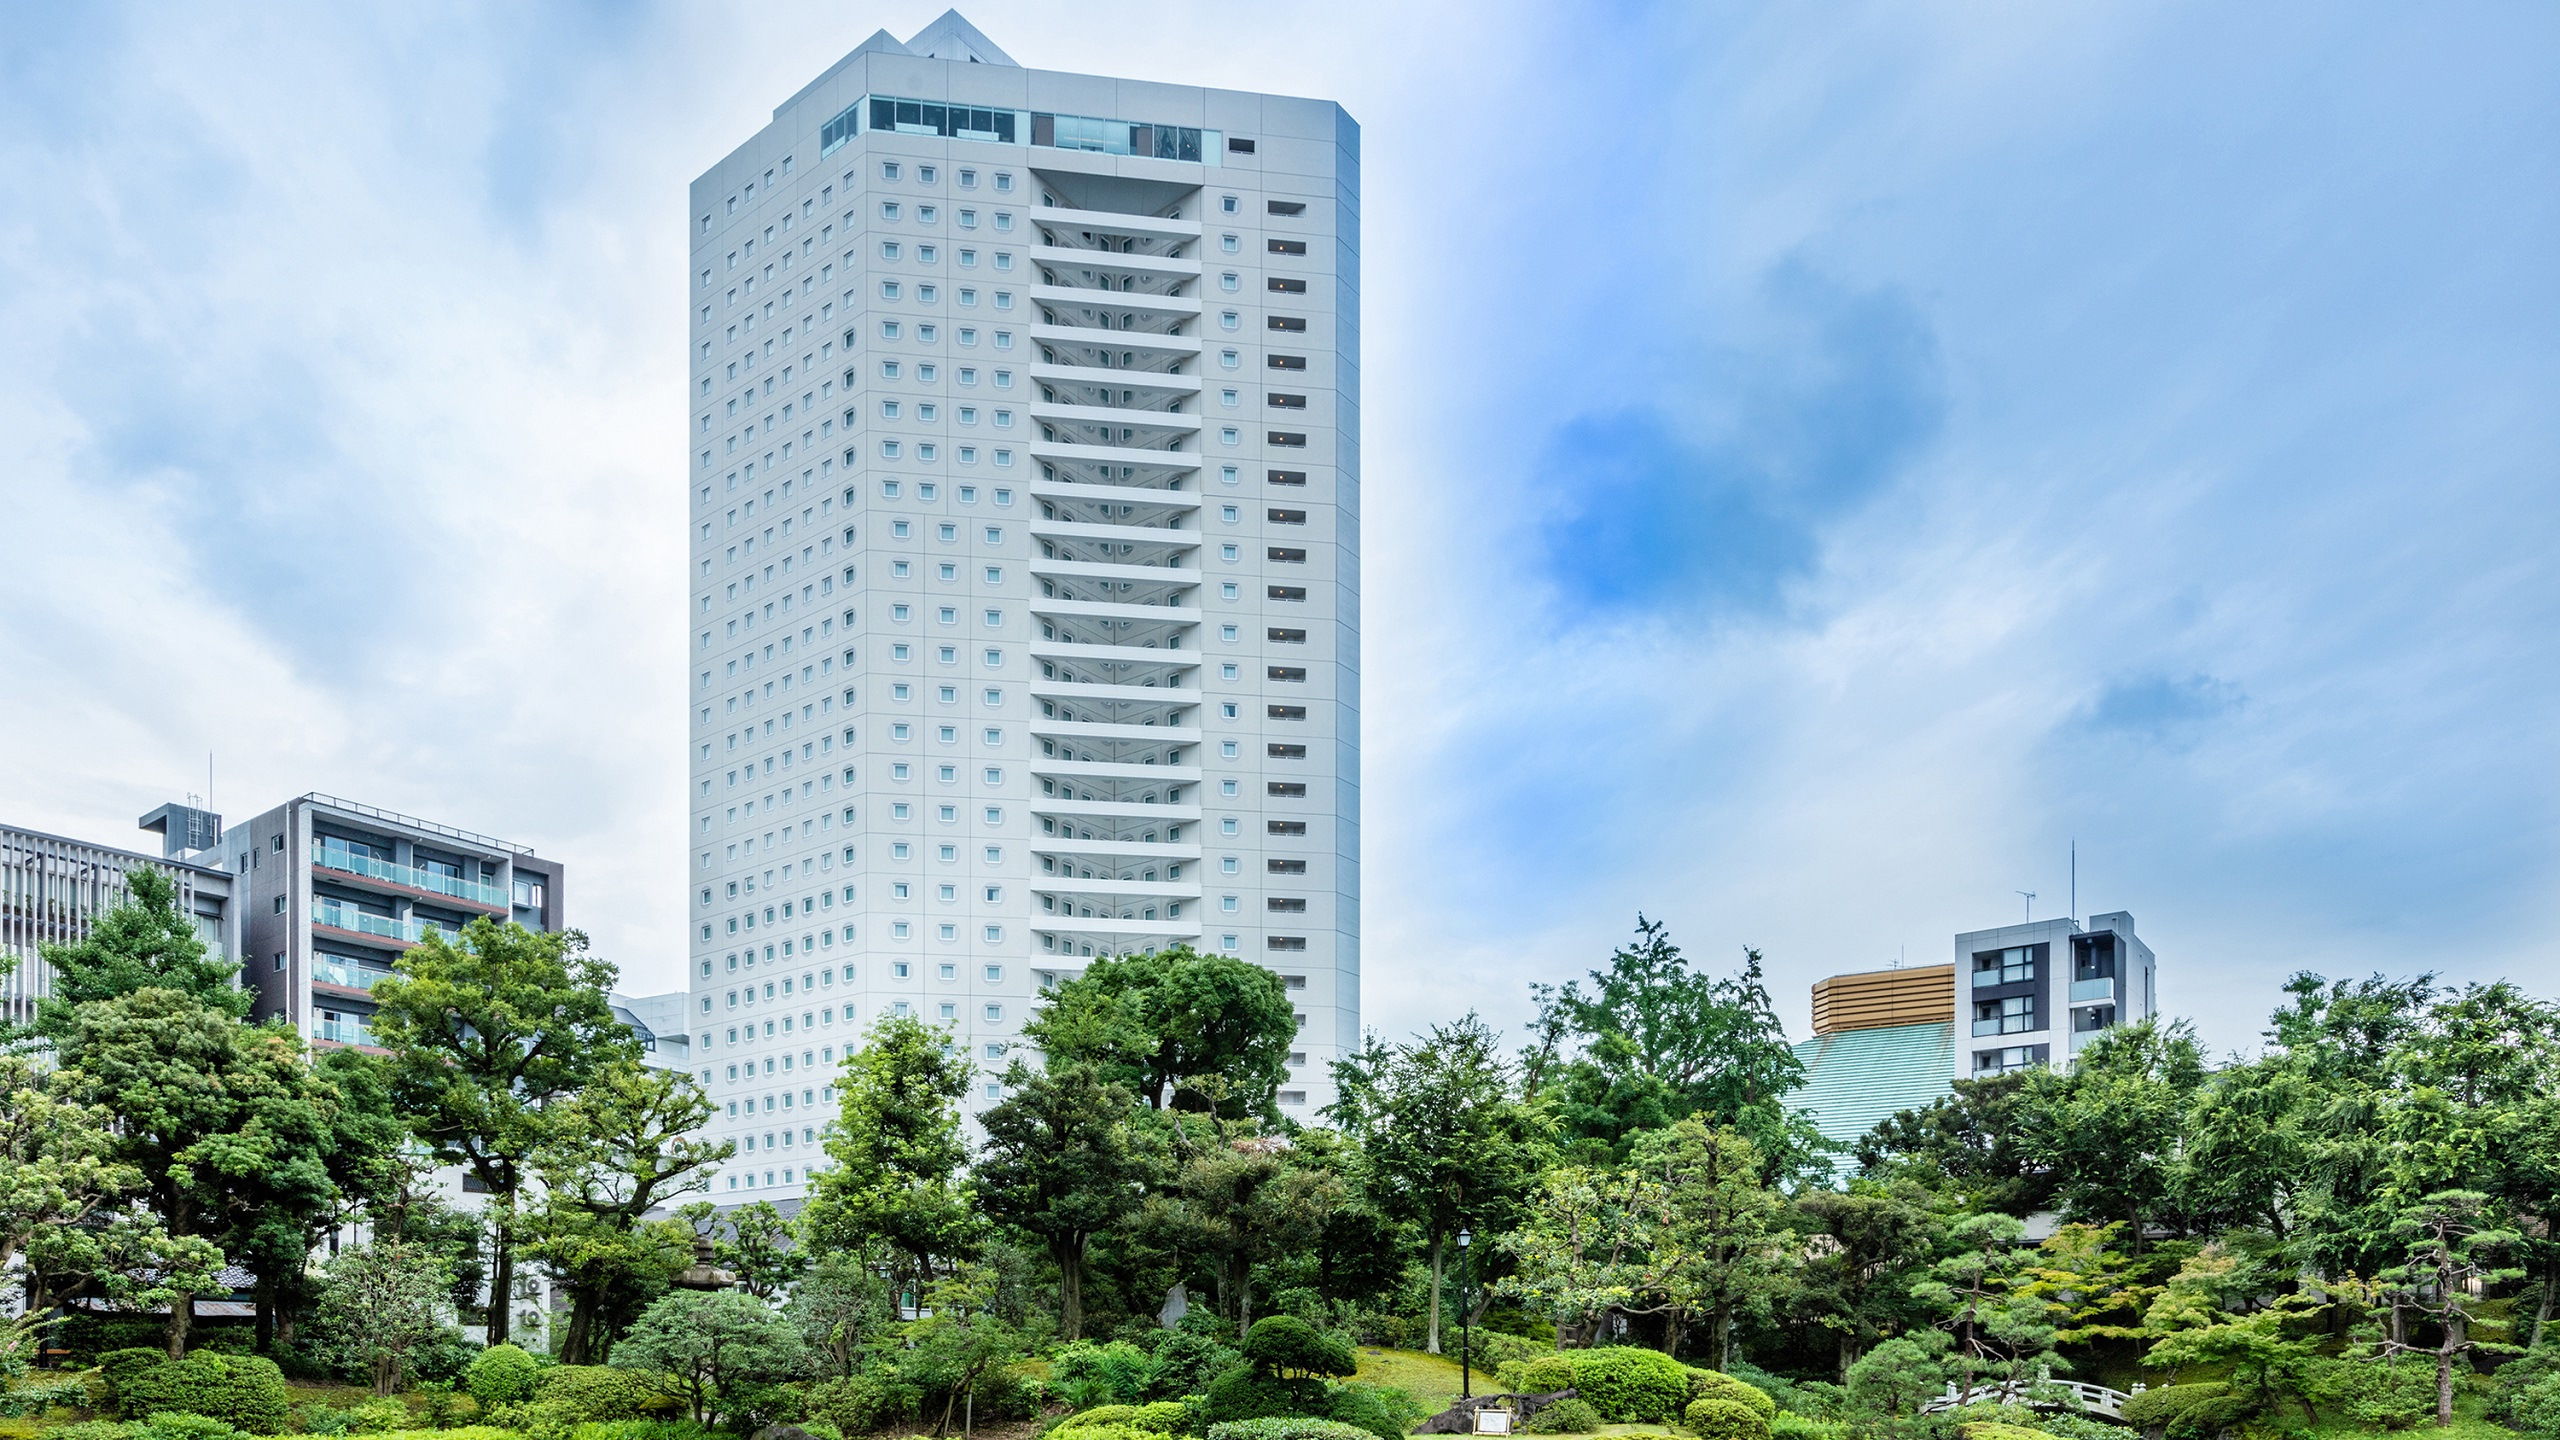 アパホテル&リゾート〈両国駅タワー〉2020年4月24日開業